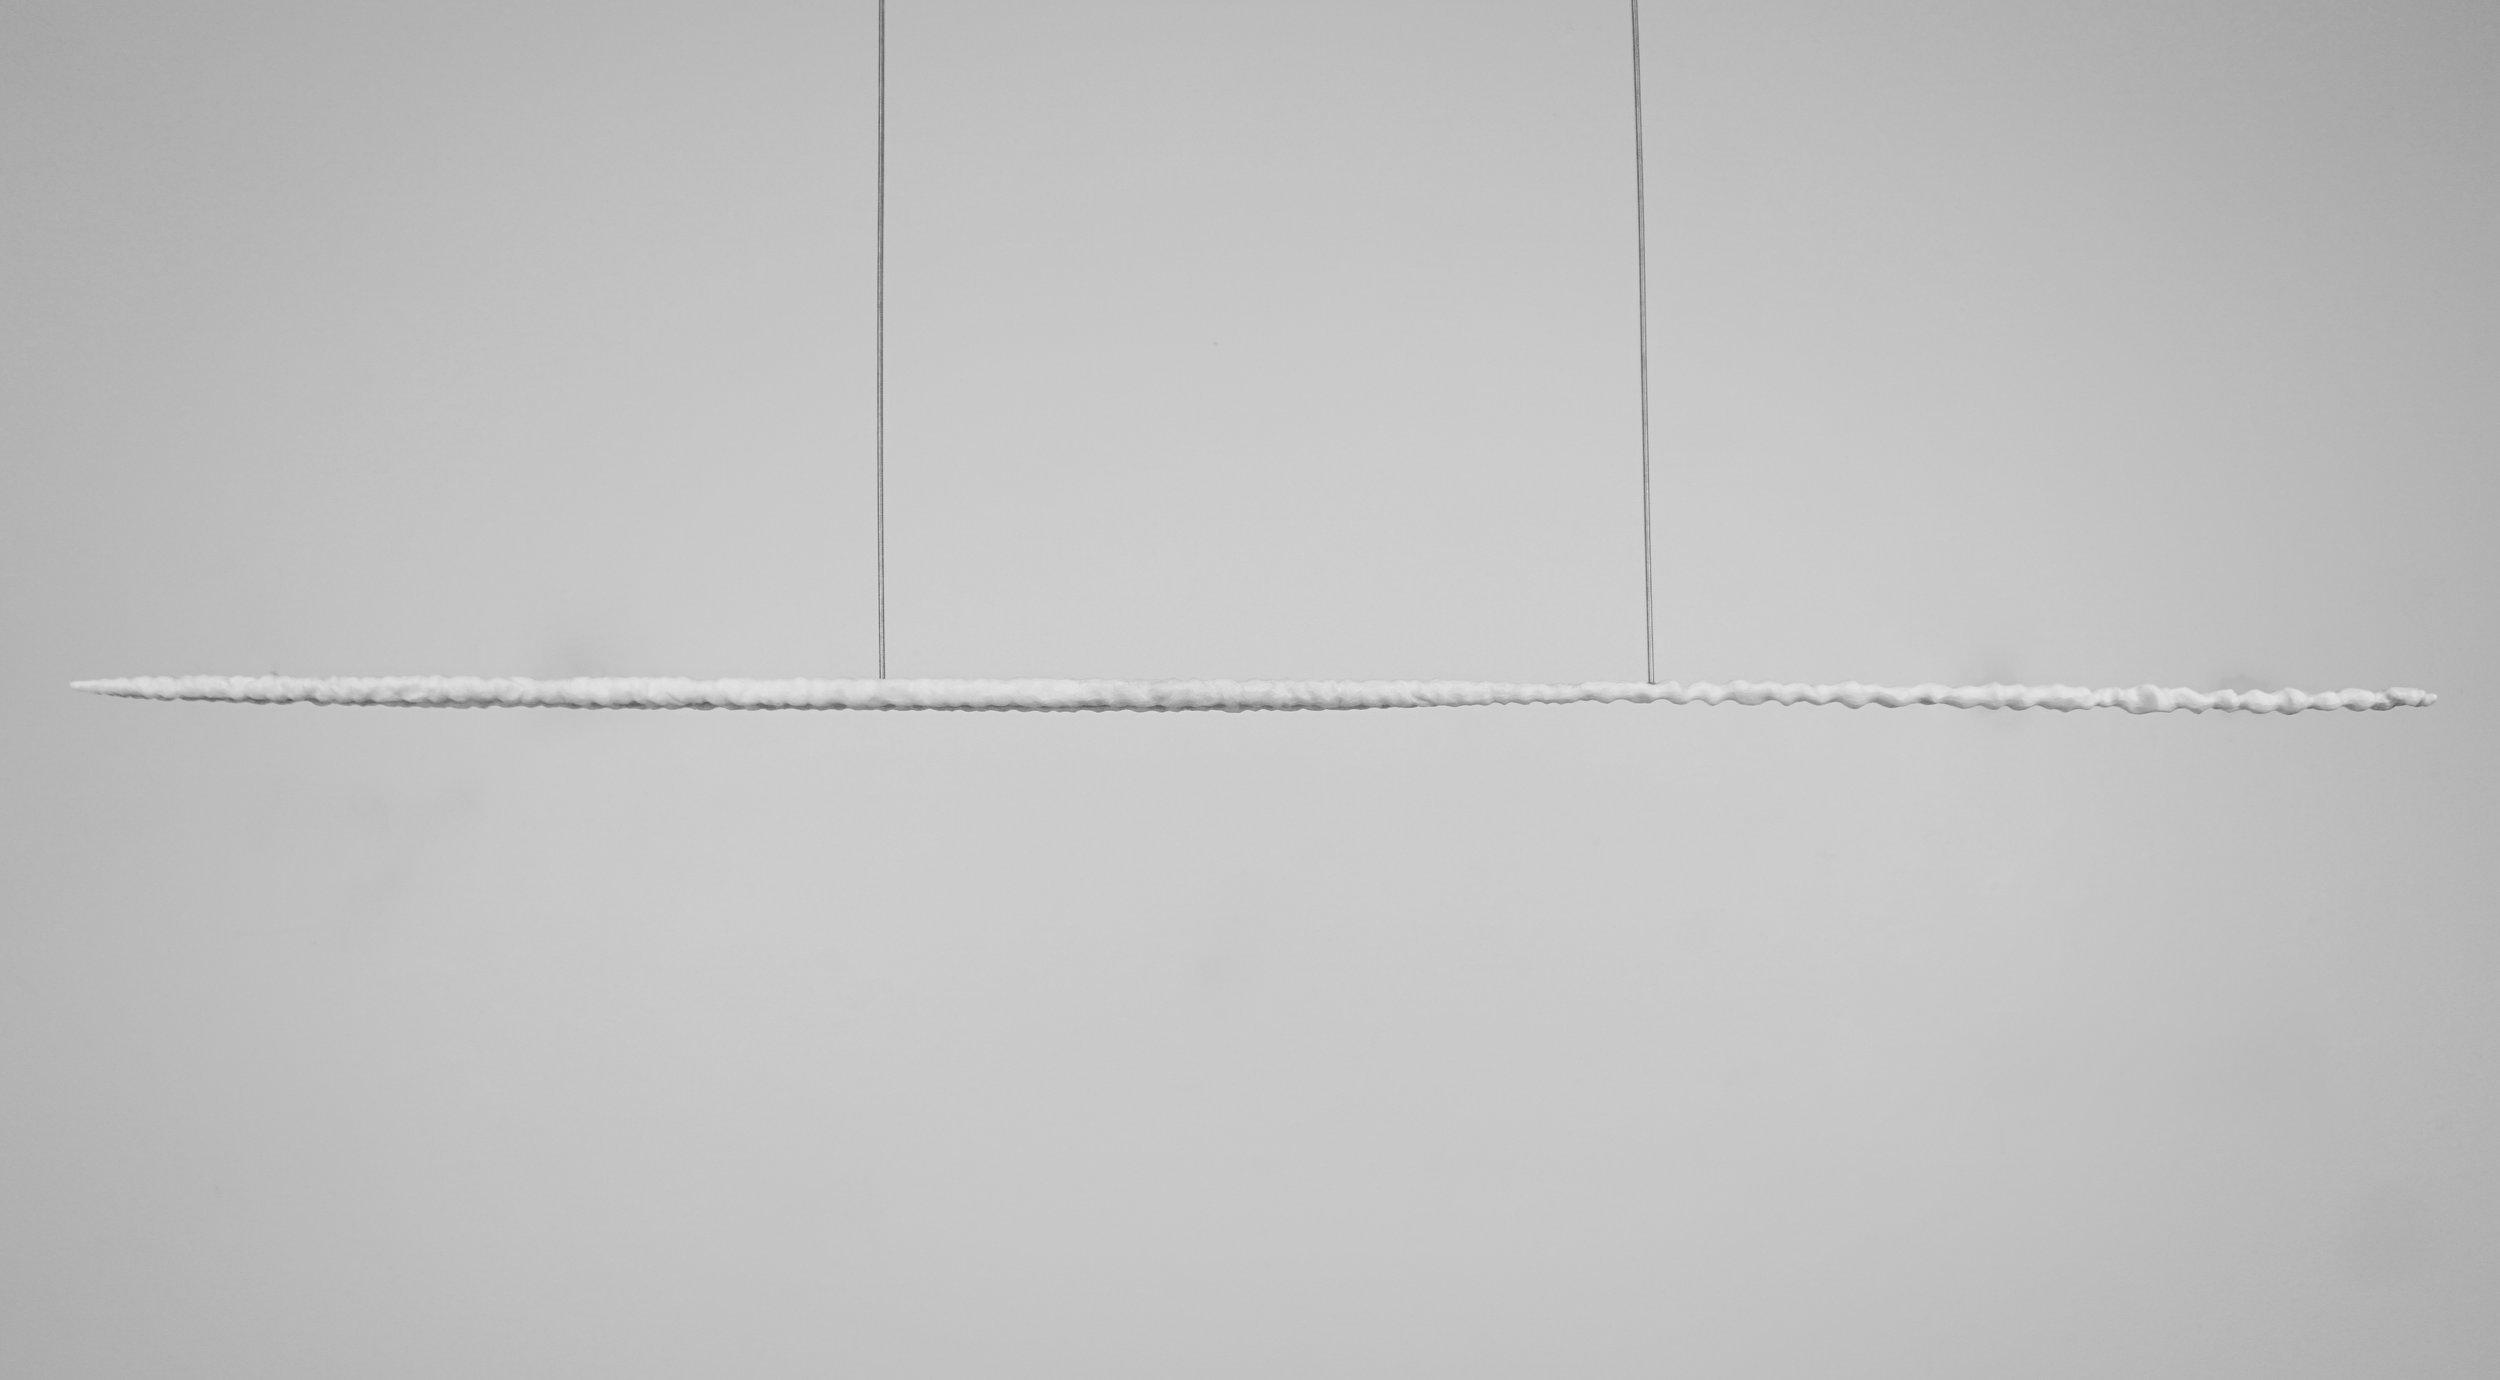 chemtrail skulptur verschwörungstheorie kunst marmor lukas liese.jpg